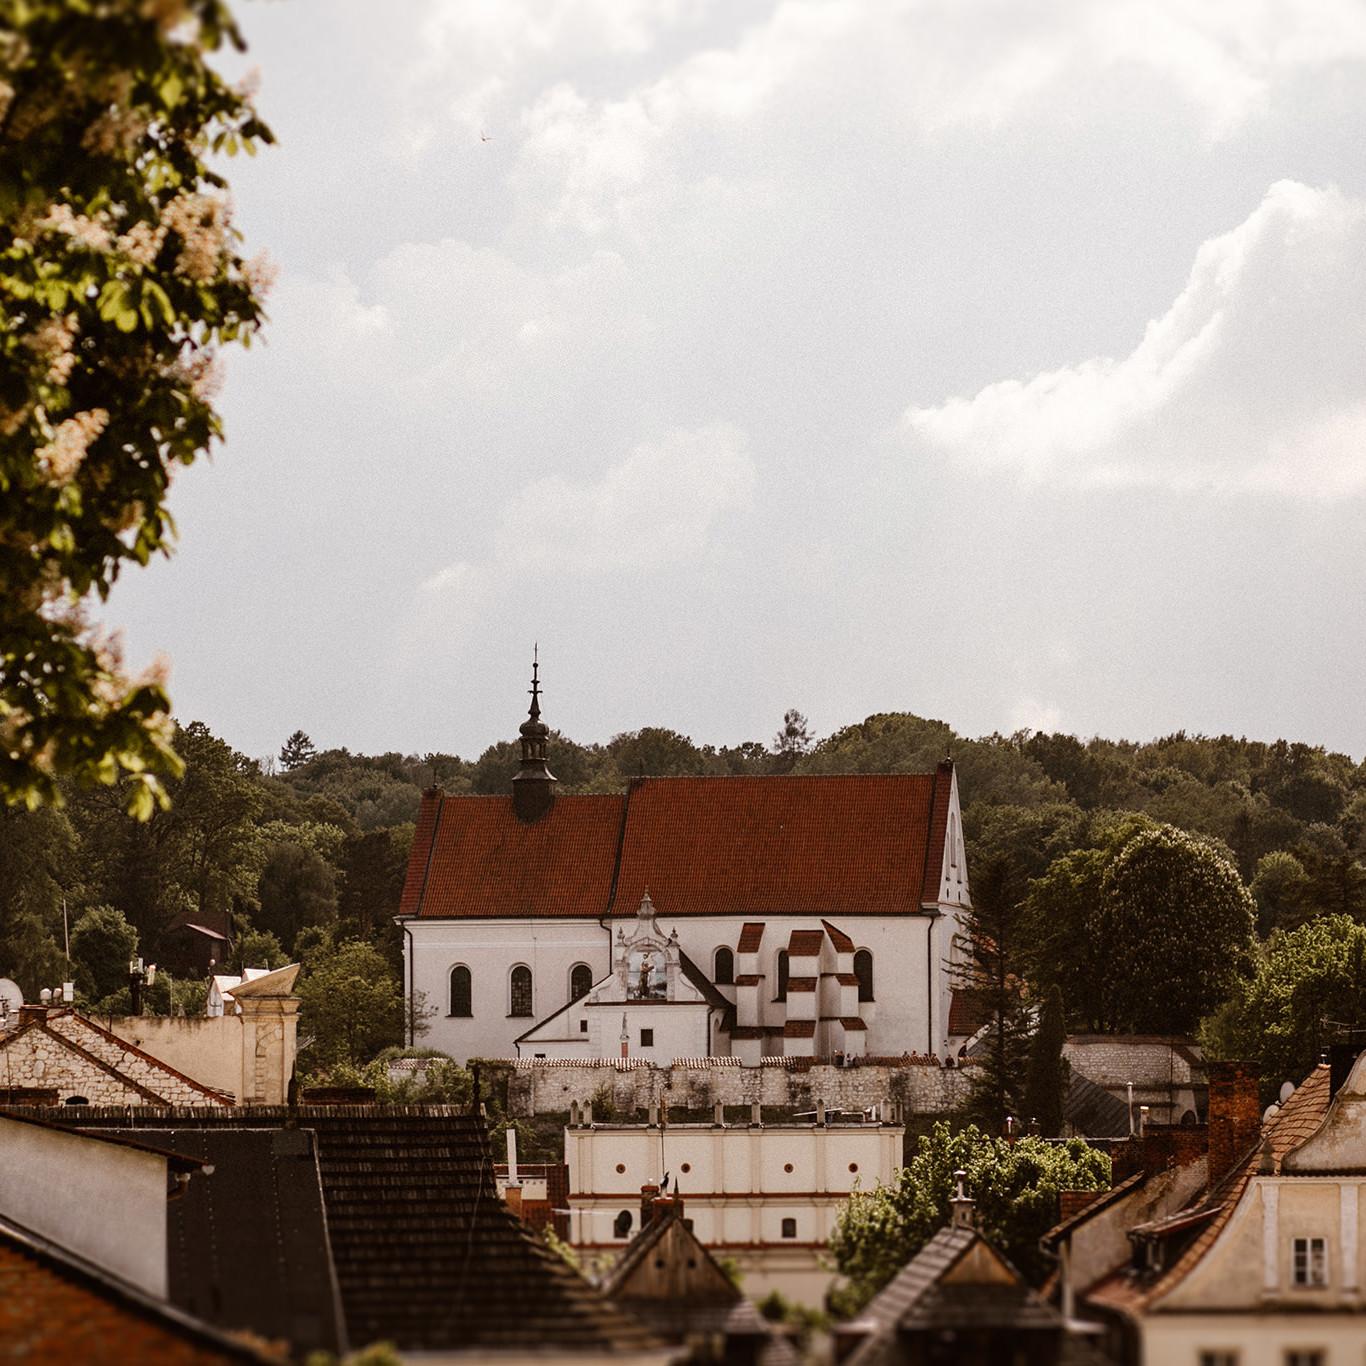 Ślub i wesele w Kazimierzu Dolnym - Folwark Walencja 3